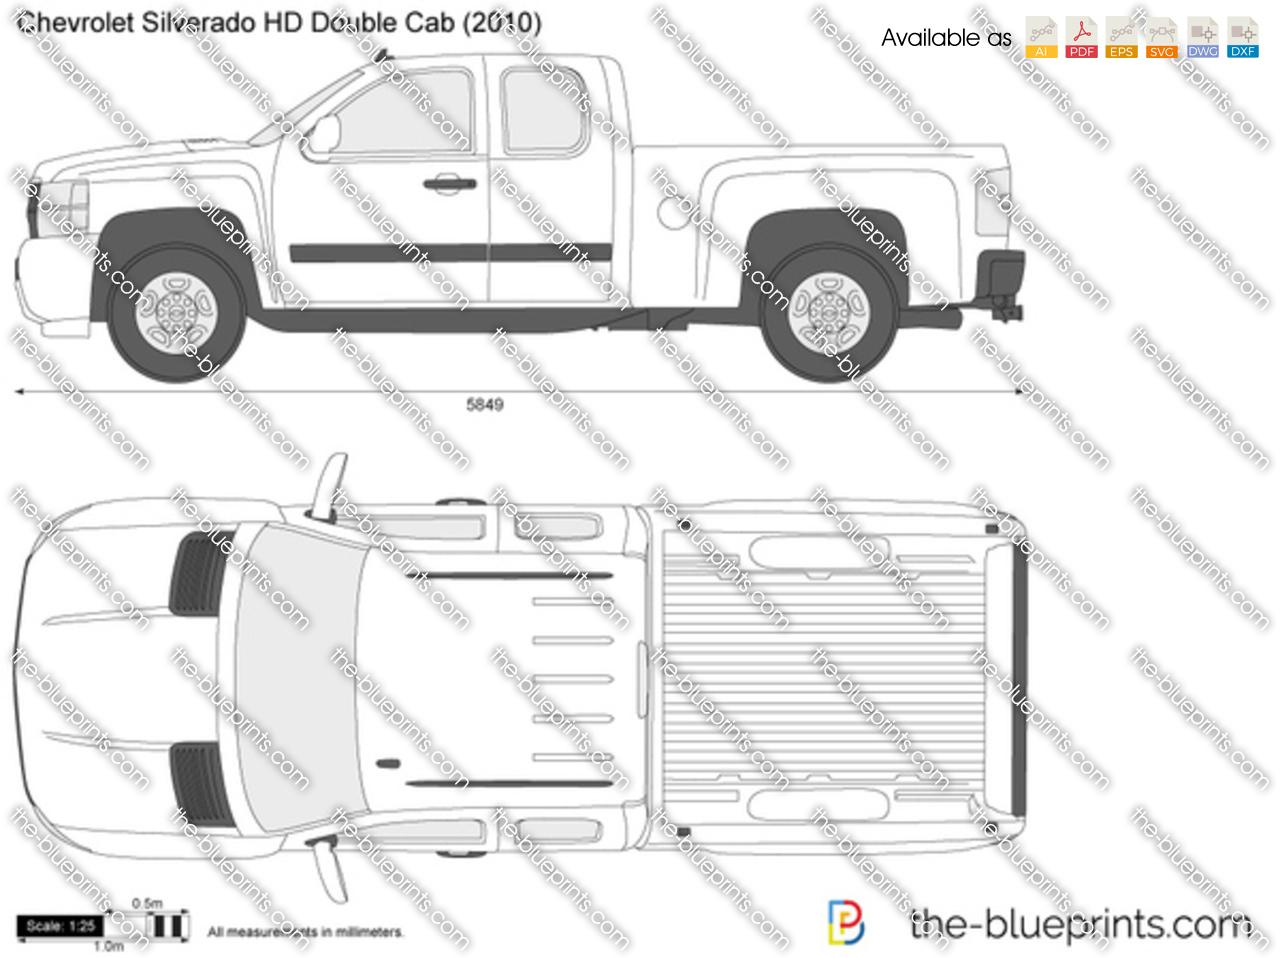 Chevrolet Silverado HD Double Cab 2012